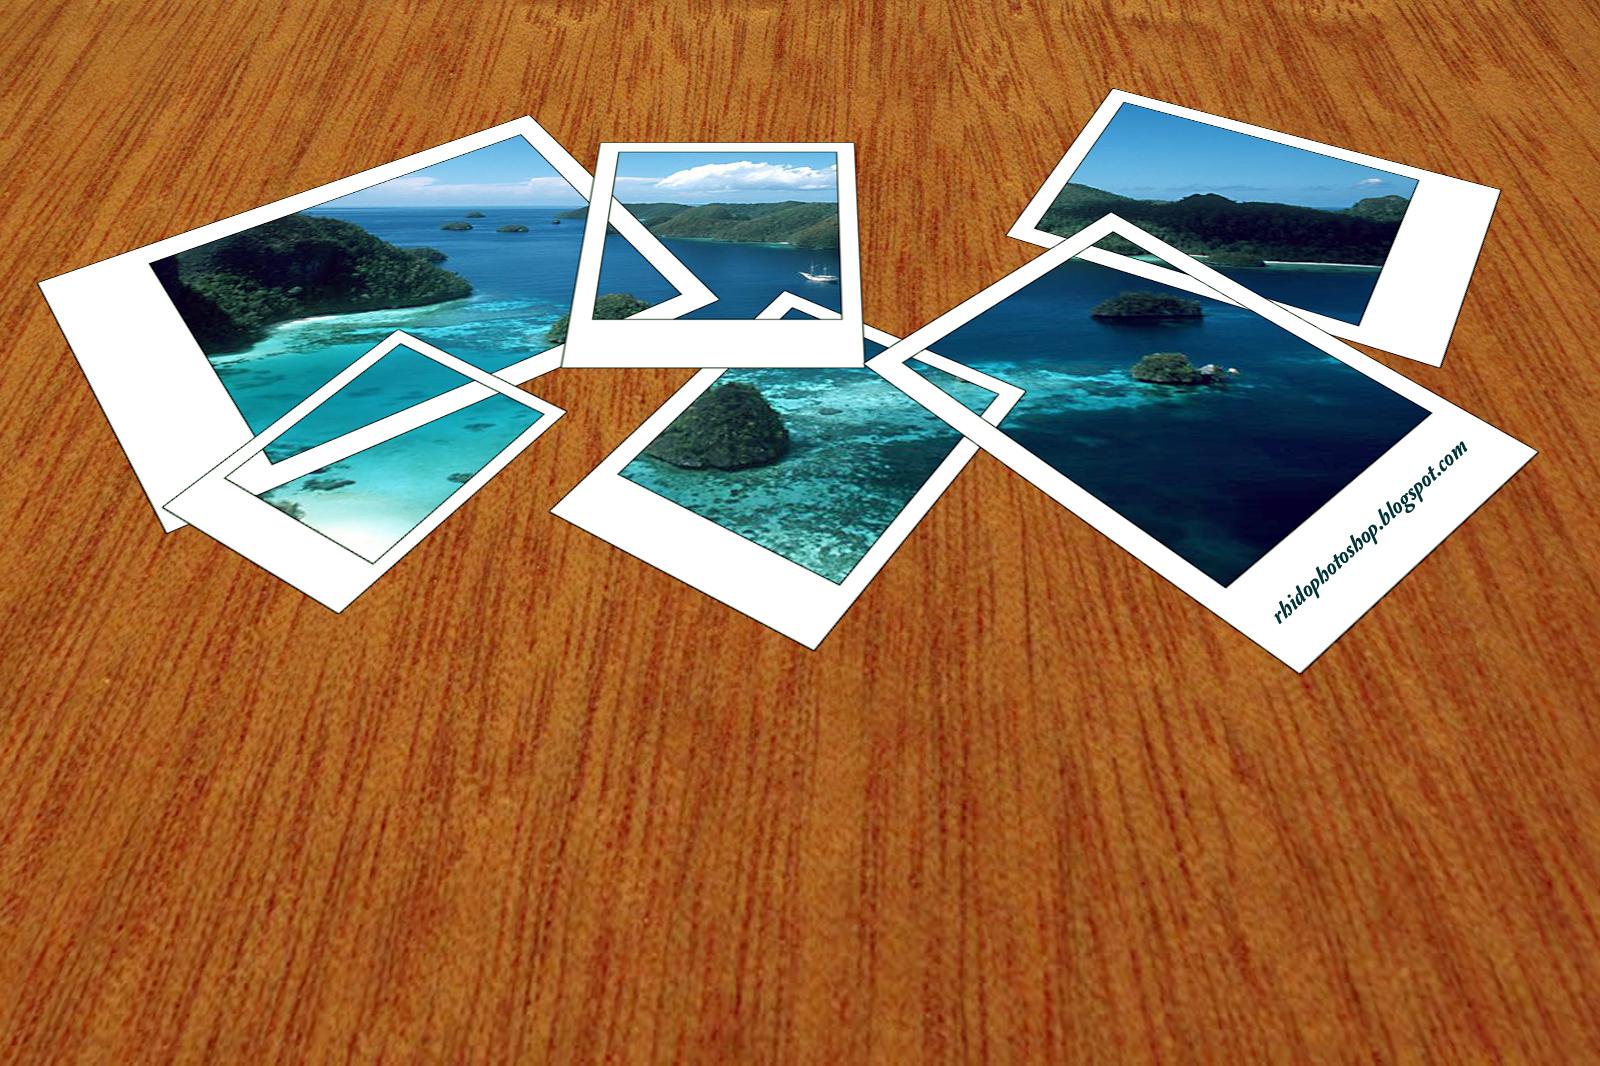 membuat efek foto polaroid tersebar diatas lantai kayu